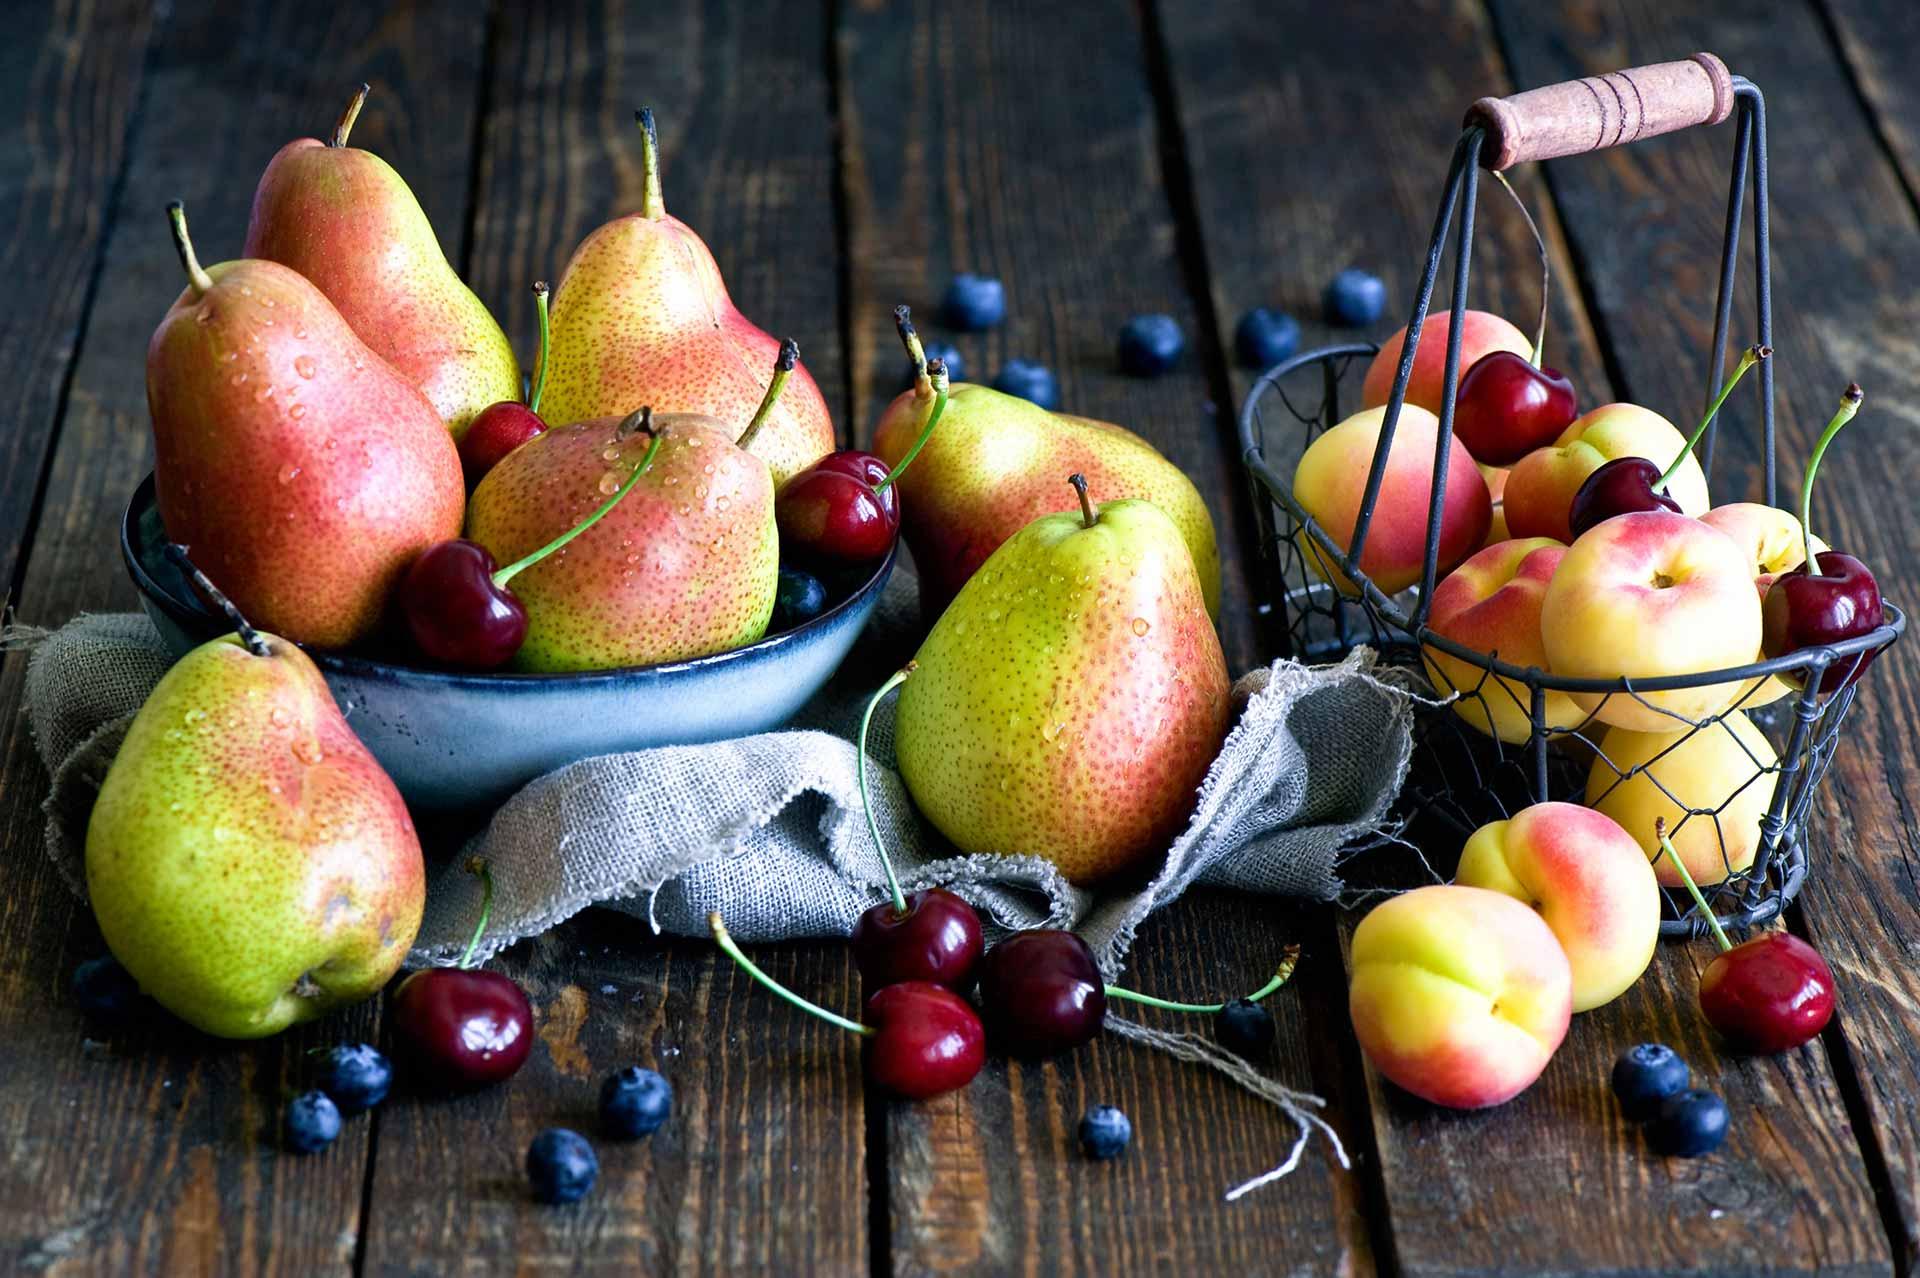 Wrzywa i owoce - gruszki, wiśnie, borówka